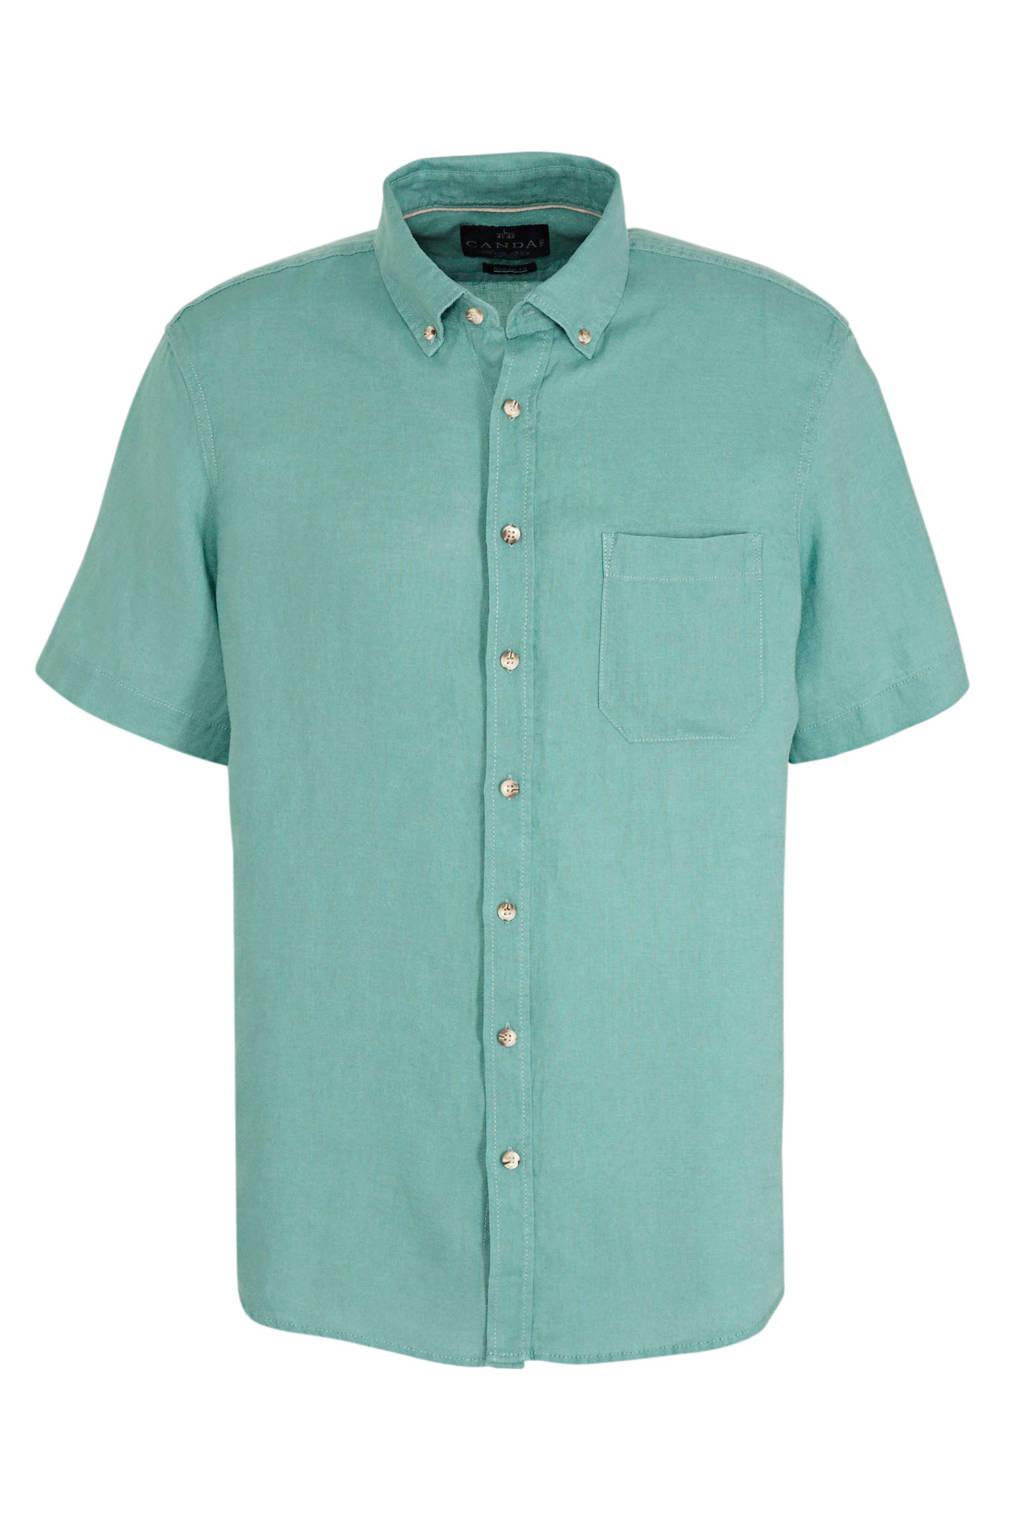 C&A Canda linnen regular fit overhemd groen, Groen